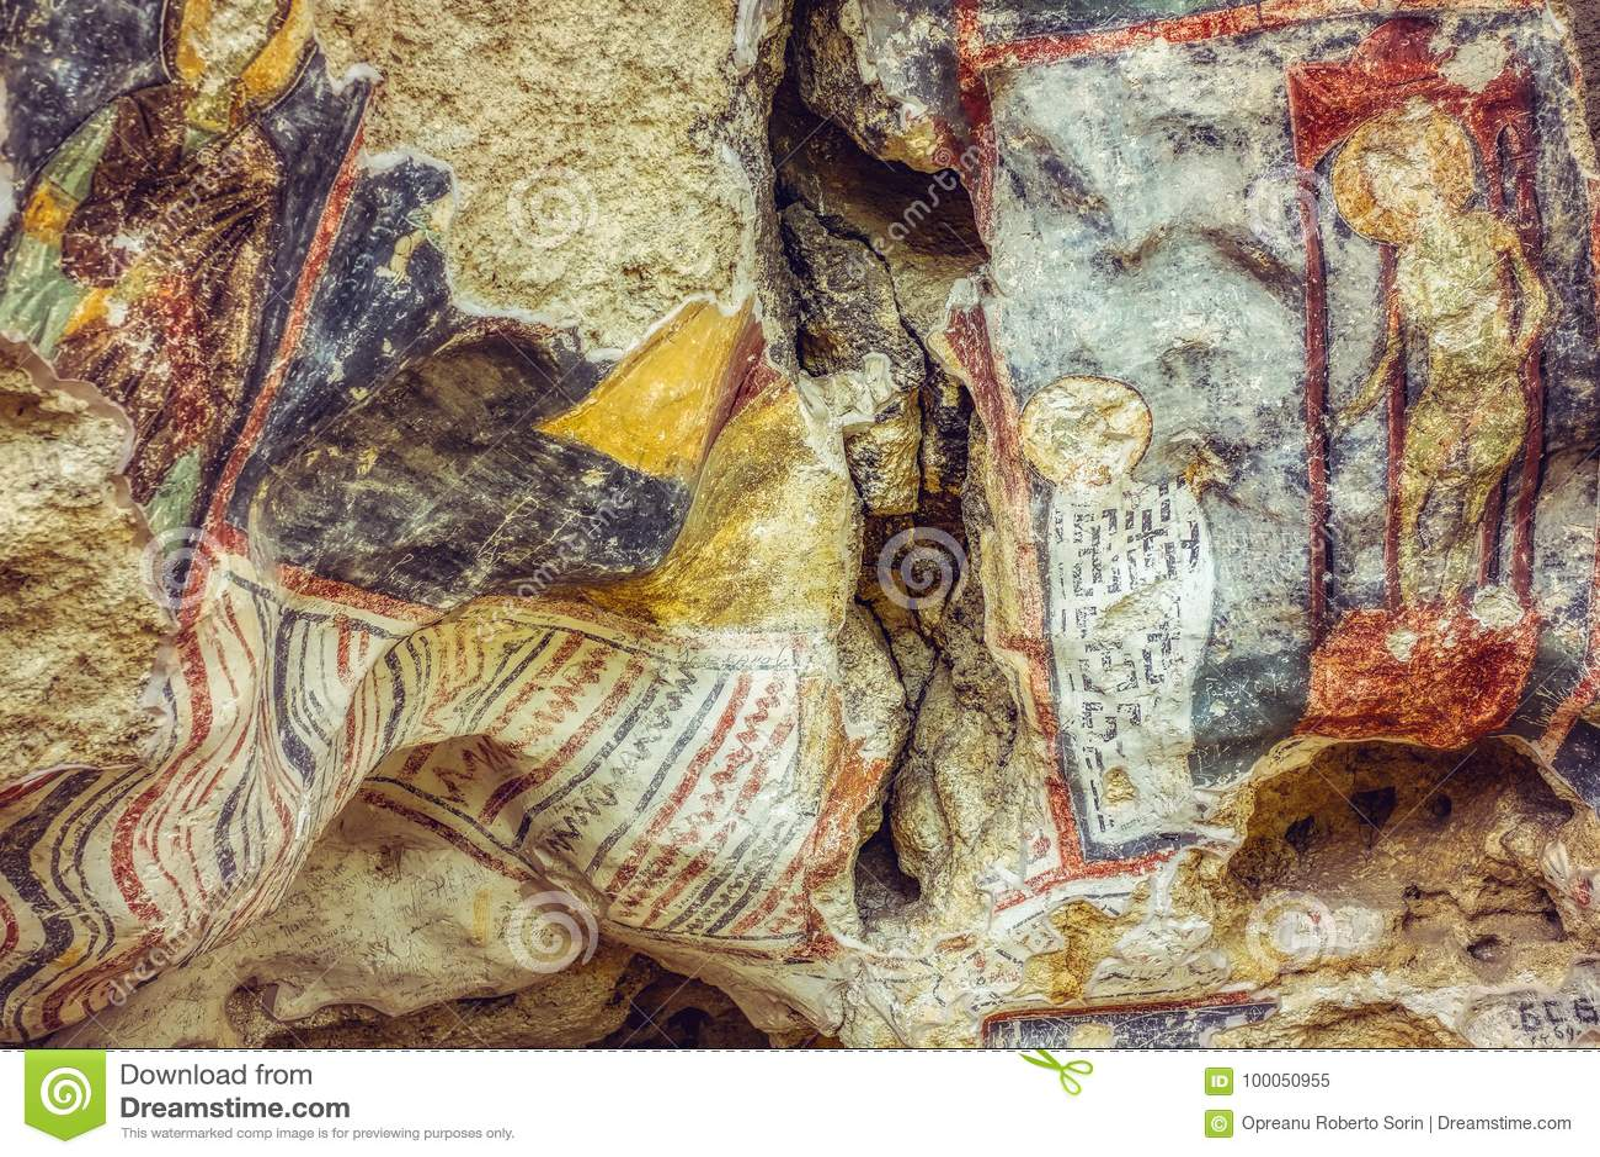 Mittelalterliche Freskos